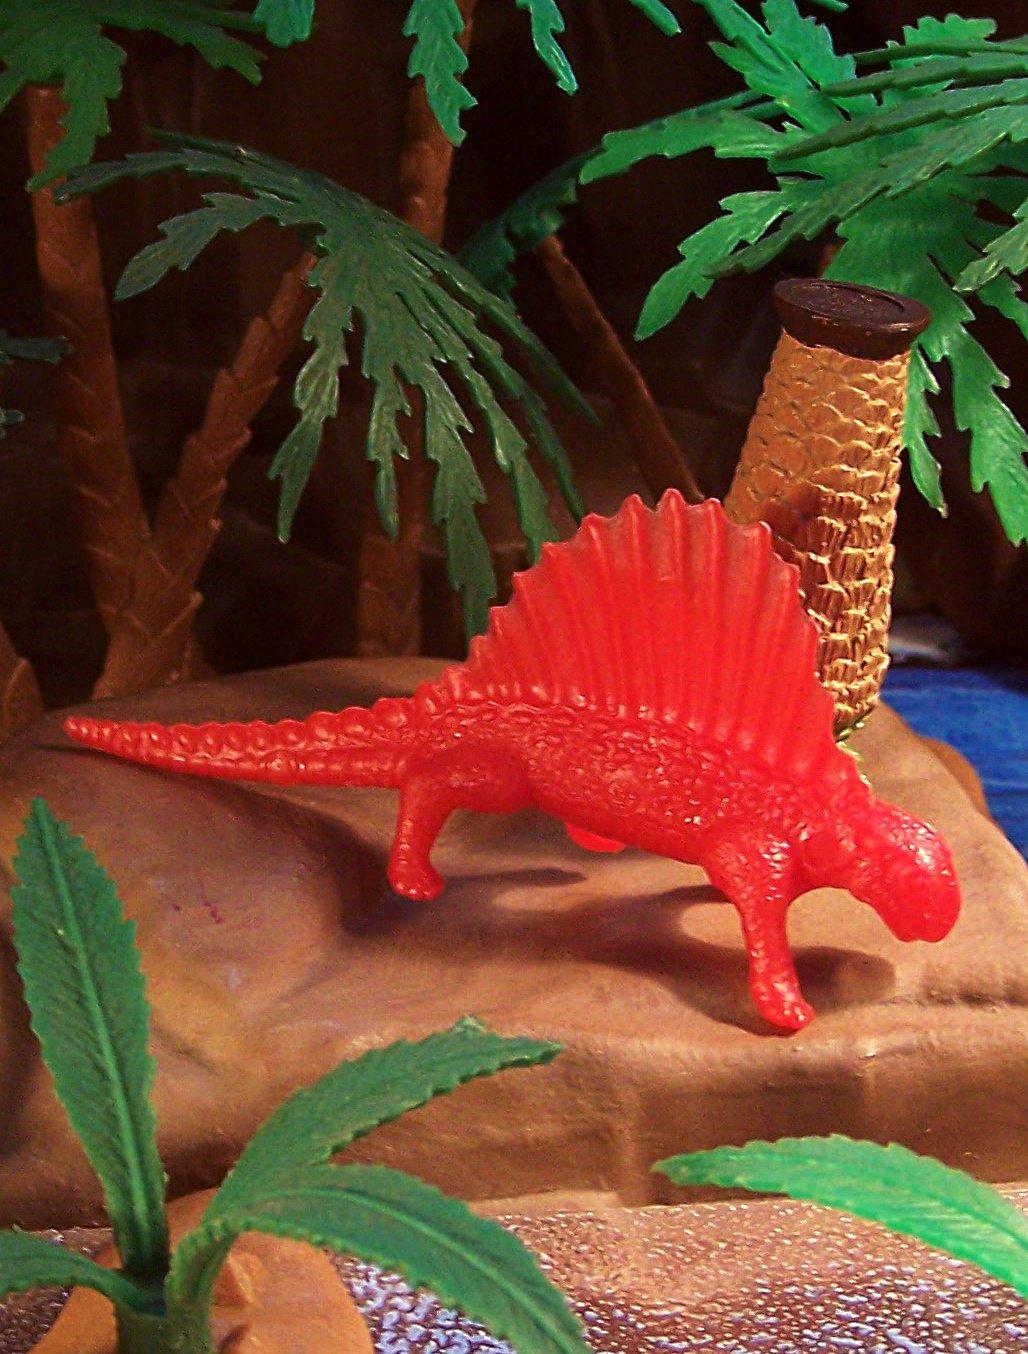 MPC (1962 mold*) Dimetrodon (Mold #28) Reptile, Dinosaur Series, Red (8-7-21)